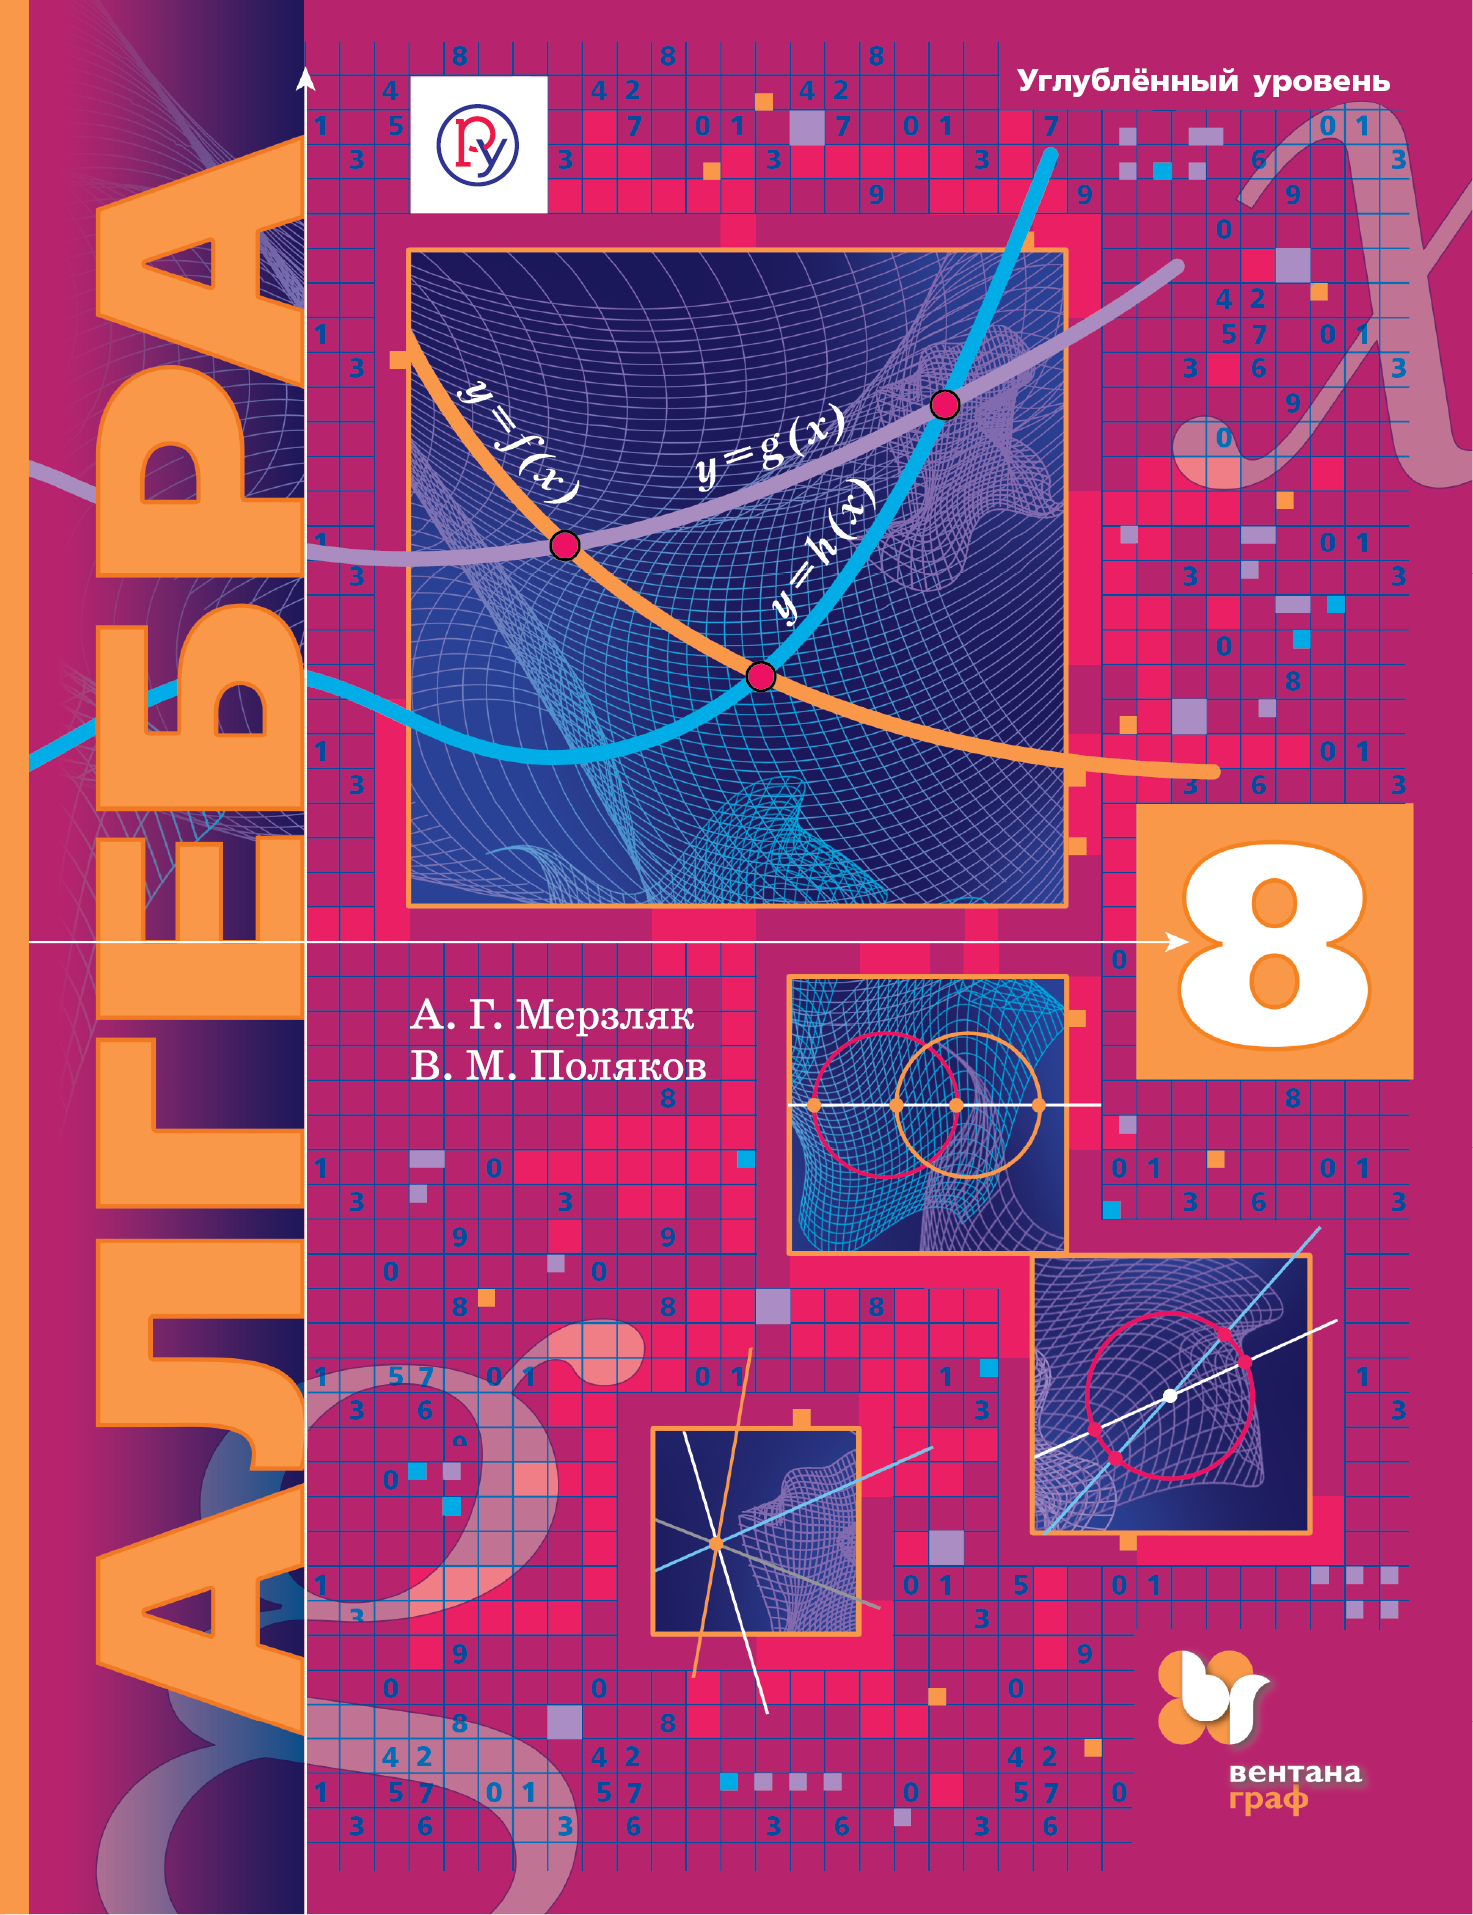 МерзлякА.Г., Поляков В.М. Алгебра (углубленное изучение). 8класс. Учебник. цена